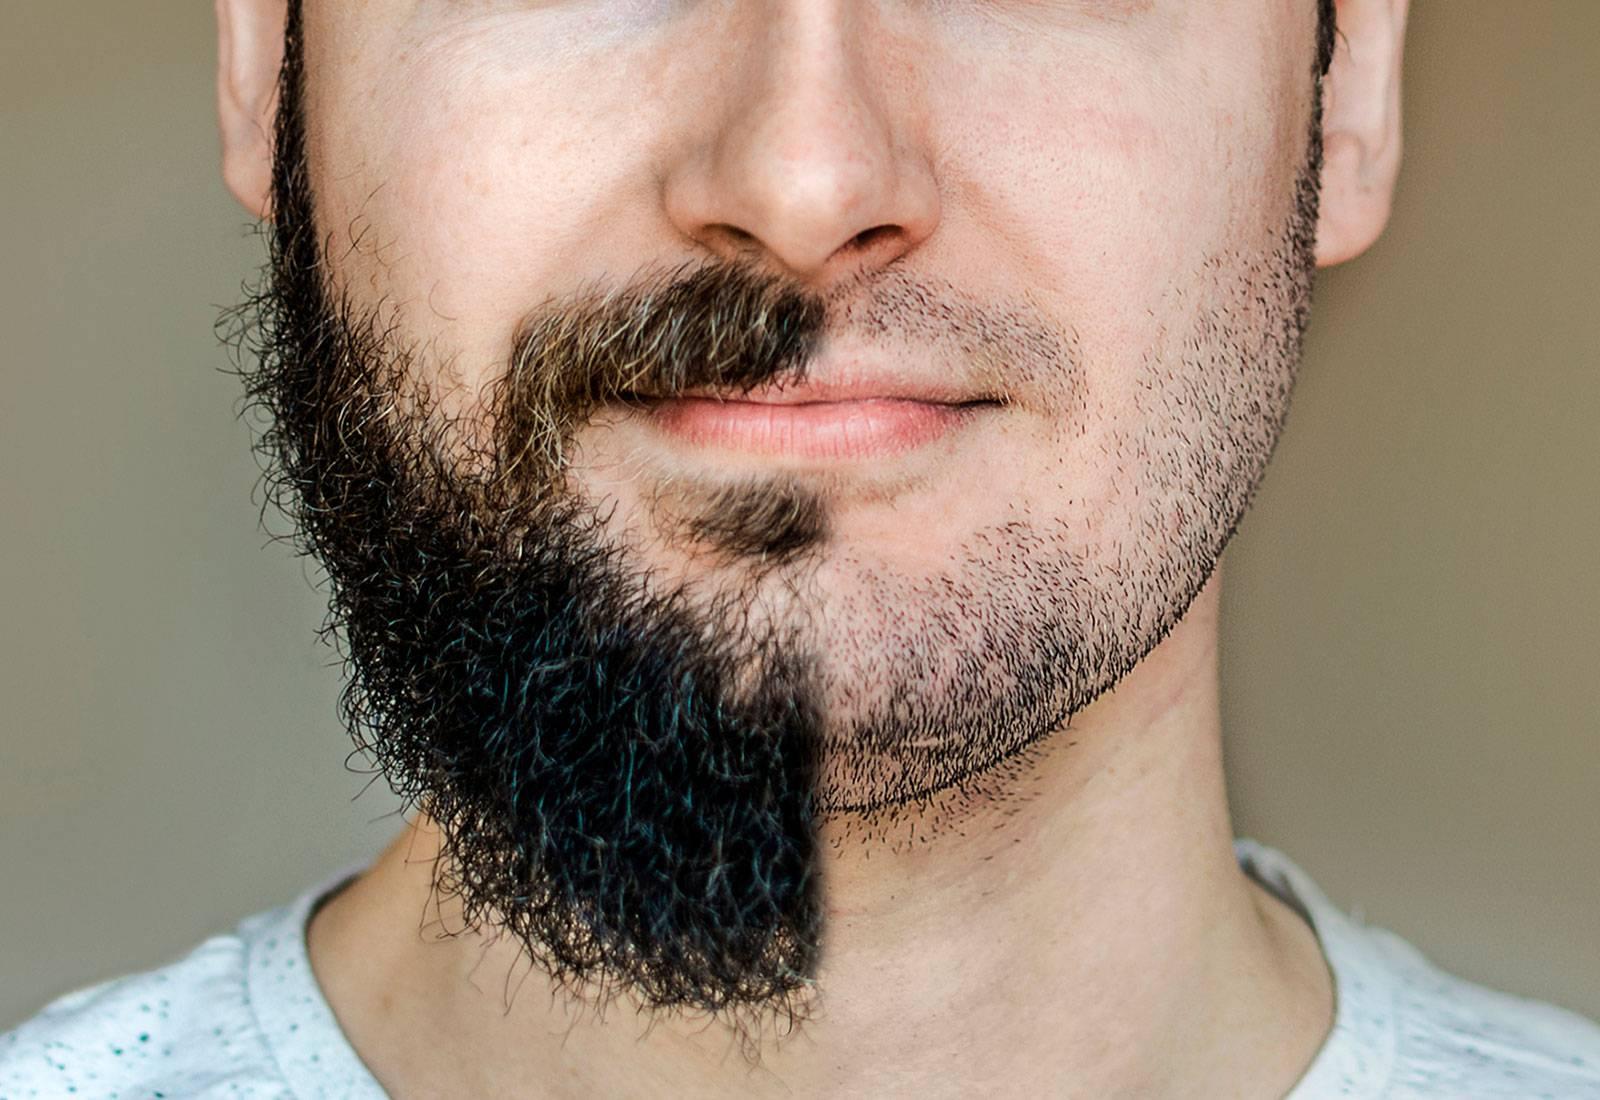 Coronavirus: científicos afirman que la barba en el rostro puede ser peligrosa durante el brote